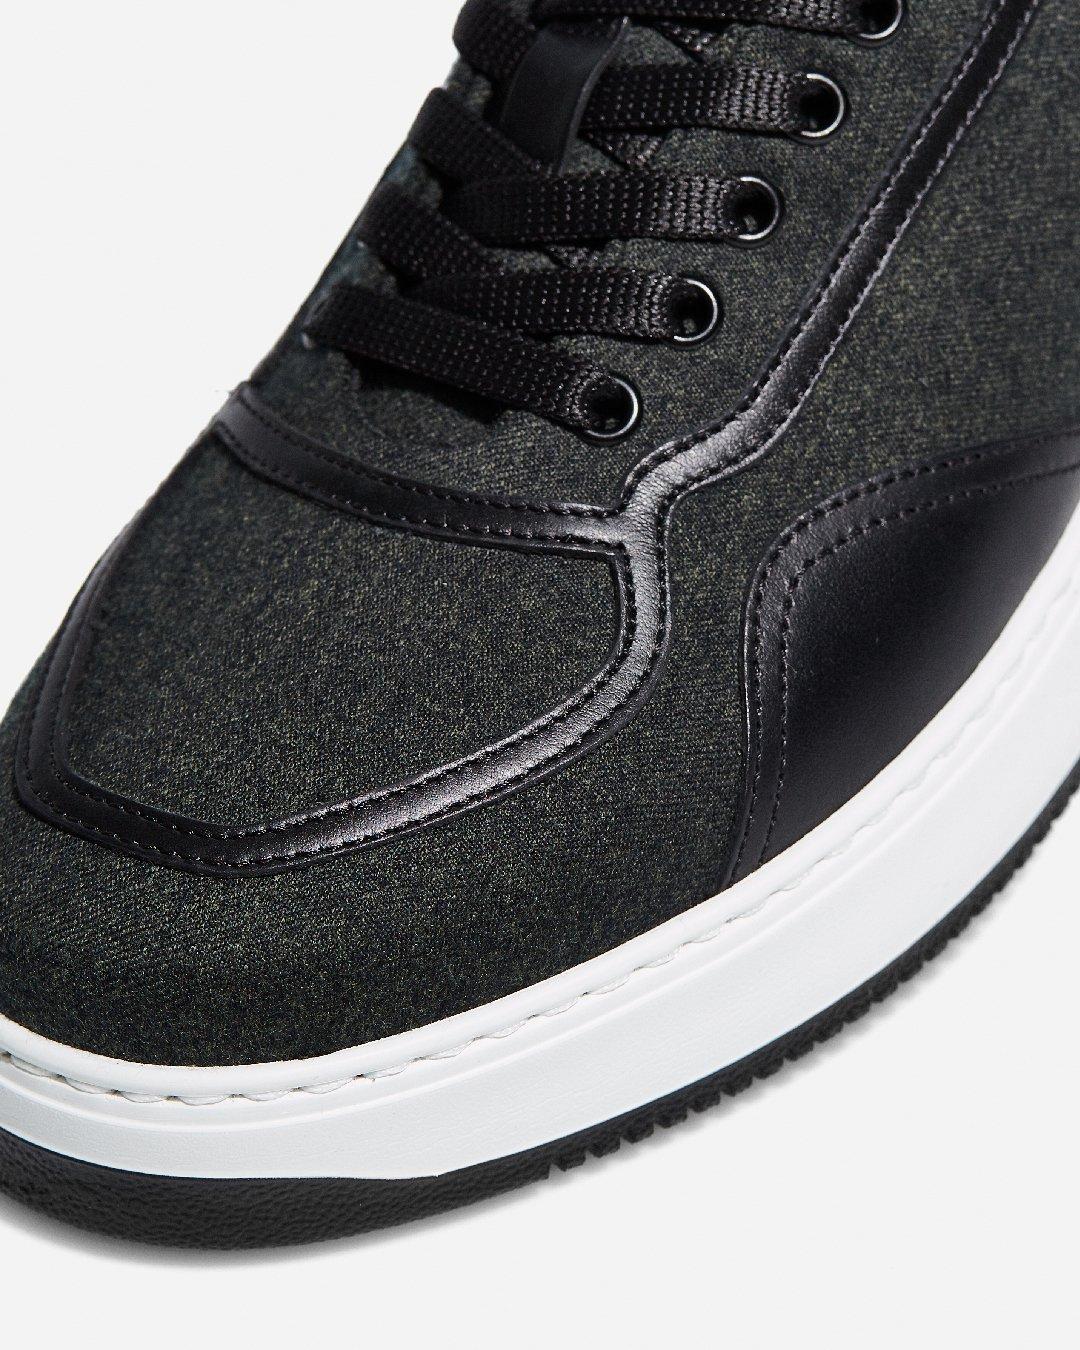 Дышашие кроссовки от Reda Active из мериносовой шерсти